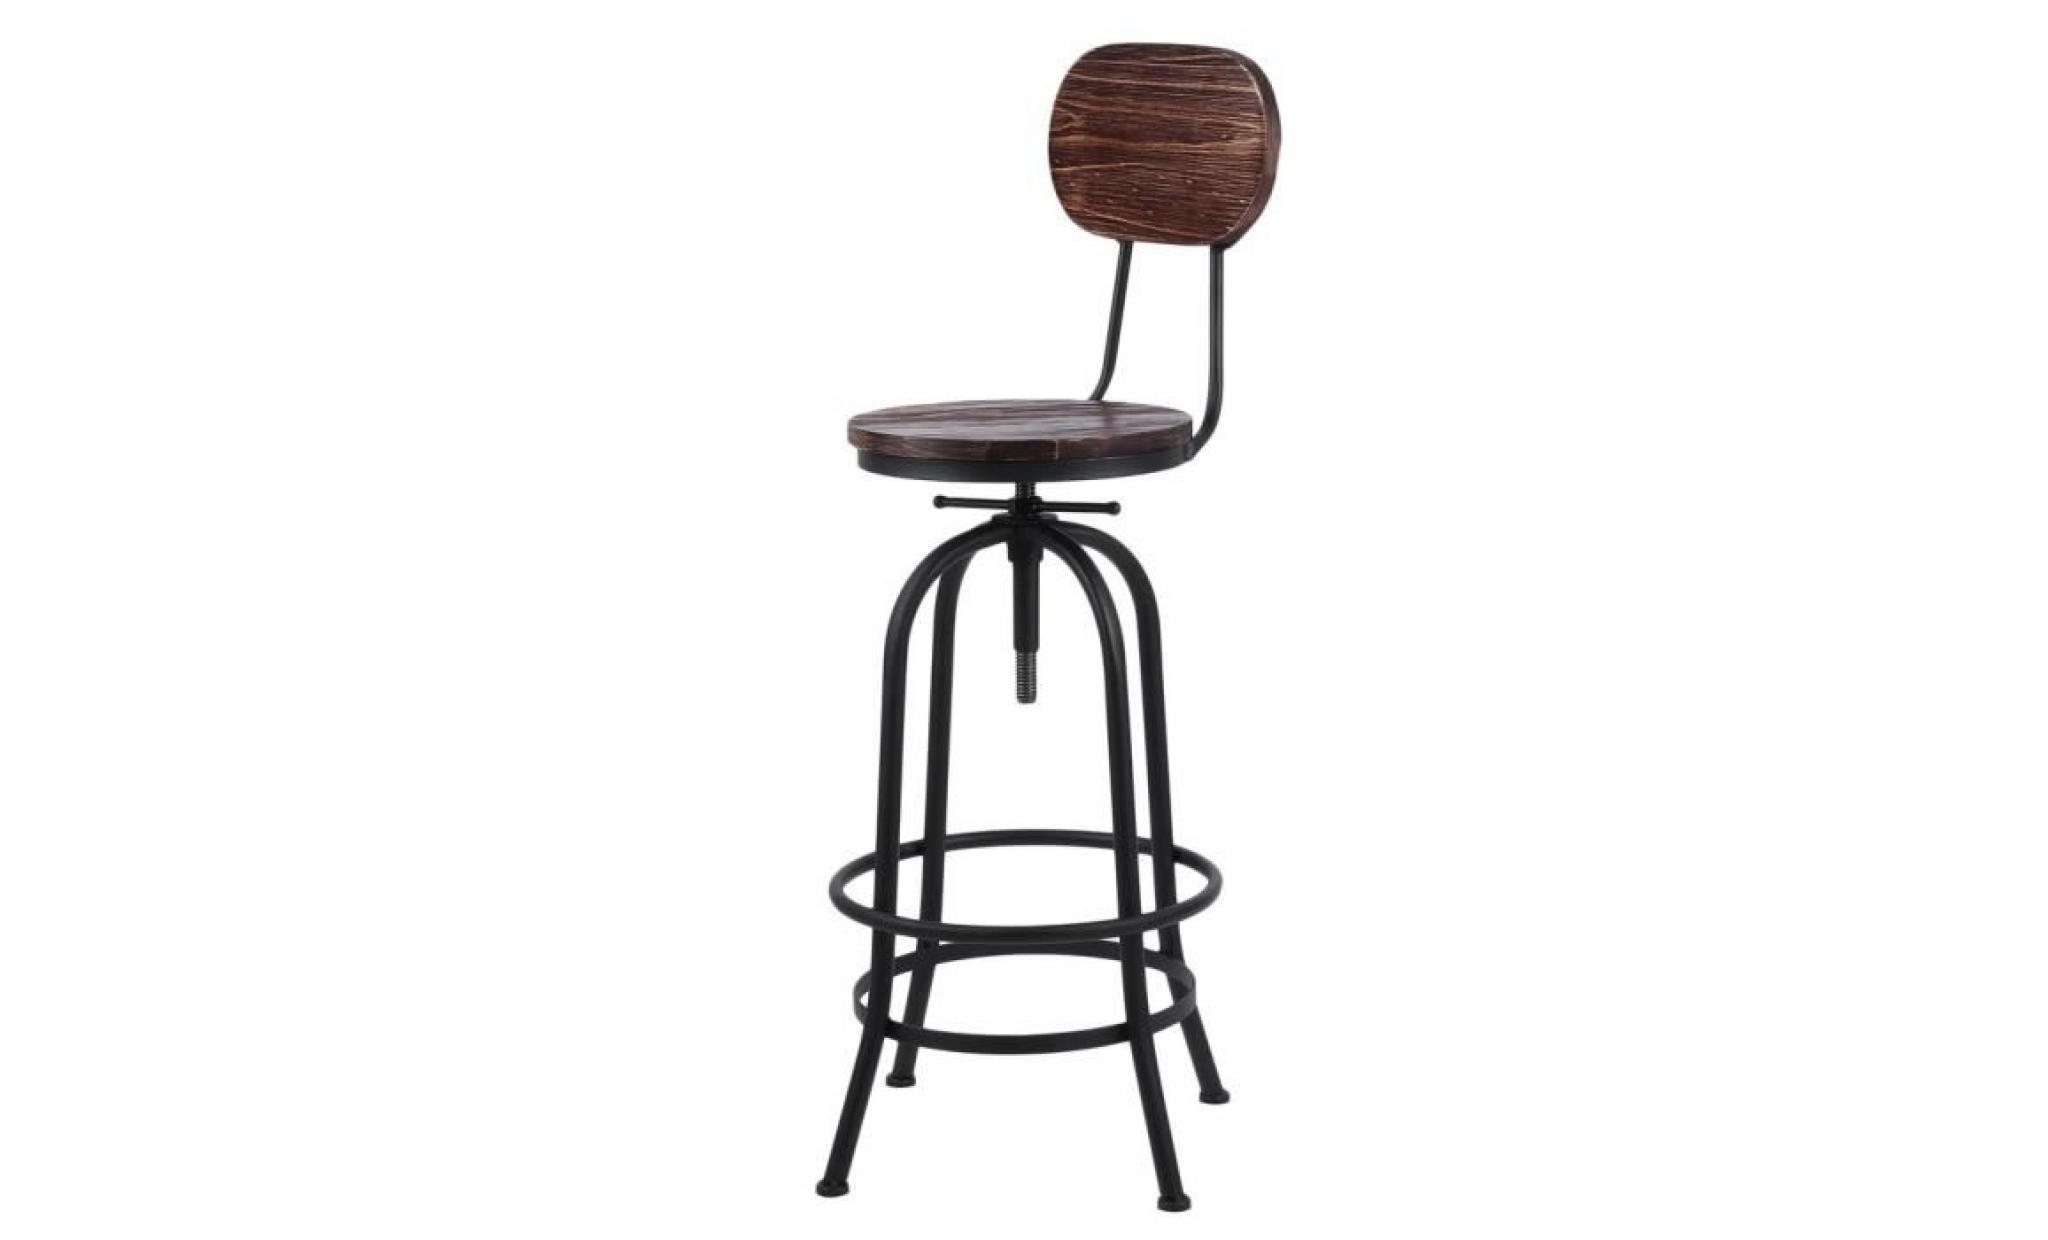 Chaise Haute Moderne Tabouret De Bar Style Industriel